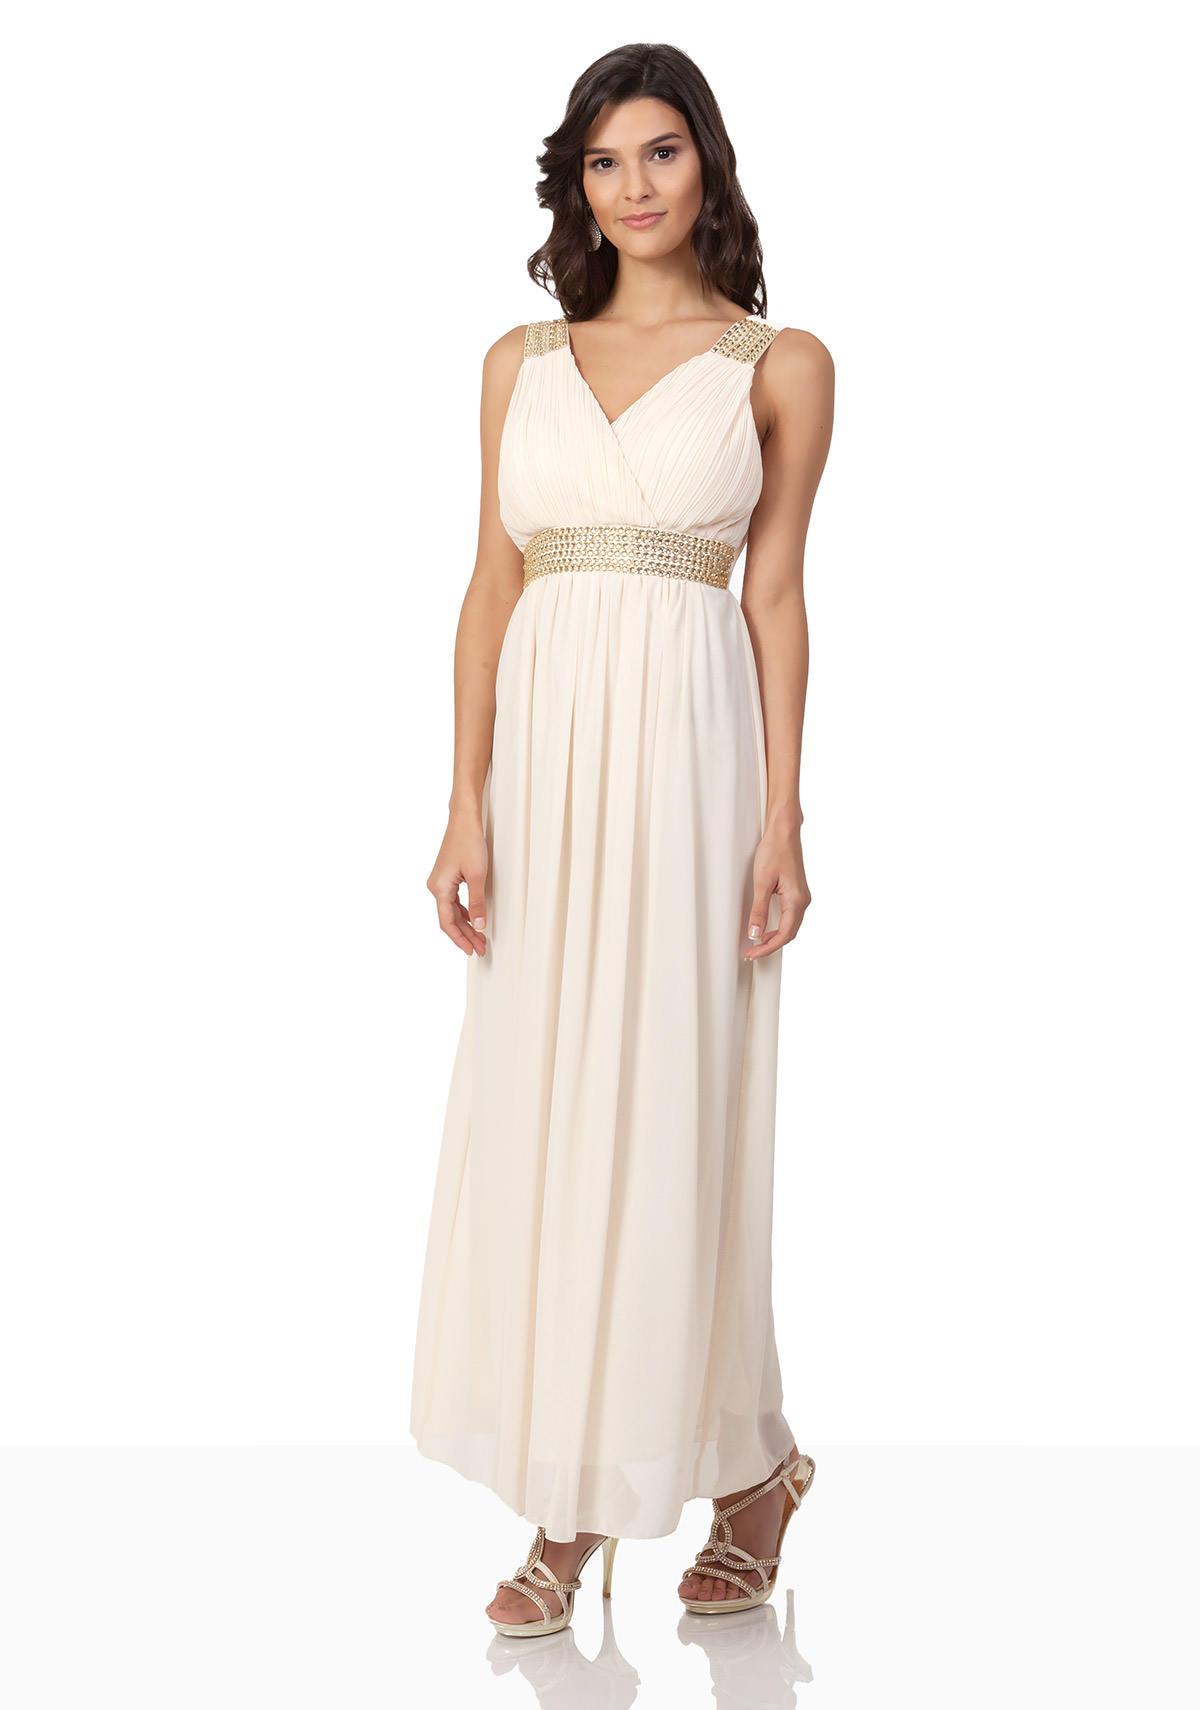 Luxus Abendkleid Beige Spezialgebiet10 Ausgezeichnet Abendkleid Beige Galerie